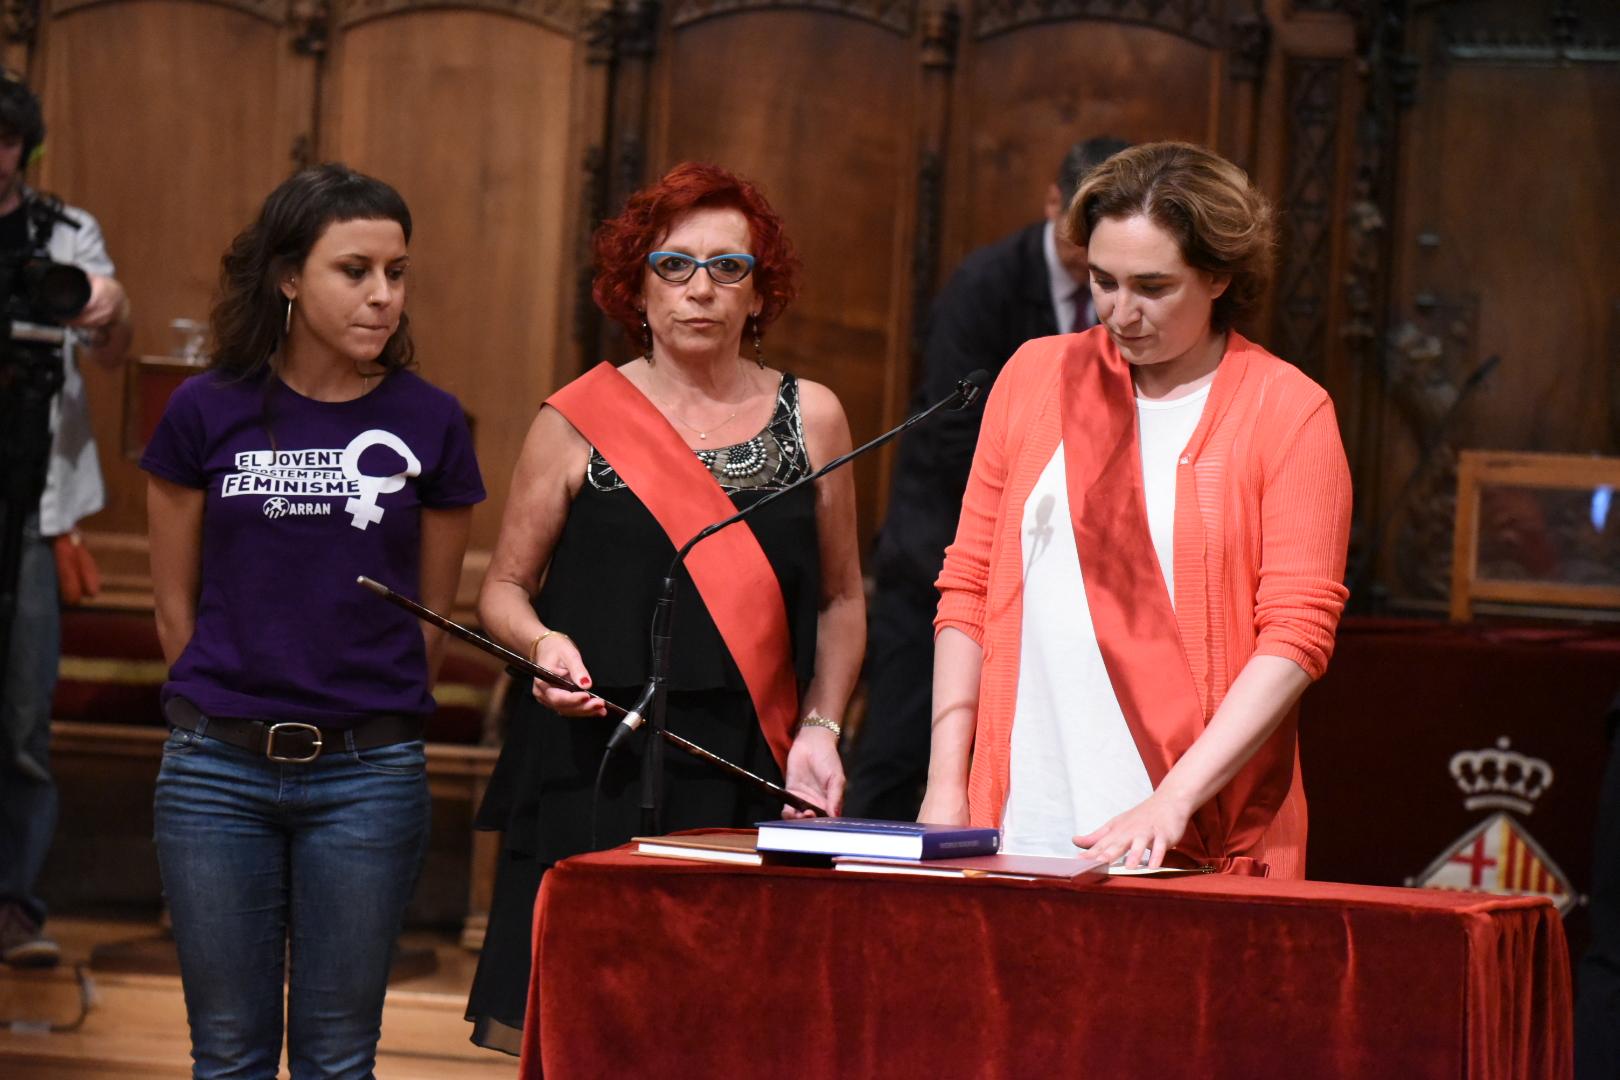 La regidora de la CUP, Maria Rovira, la regidora d'ERC Trini Capdevila i l'alcaldessa de Barcelona, Ada Colau. Foto: Ajuntament BCN